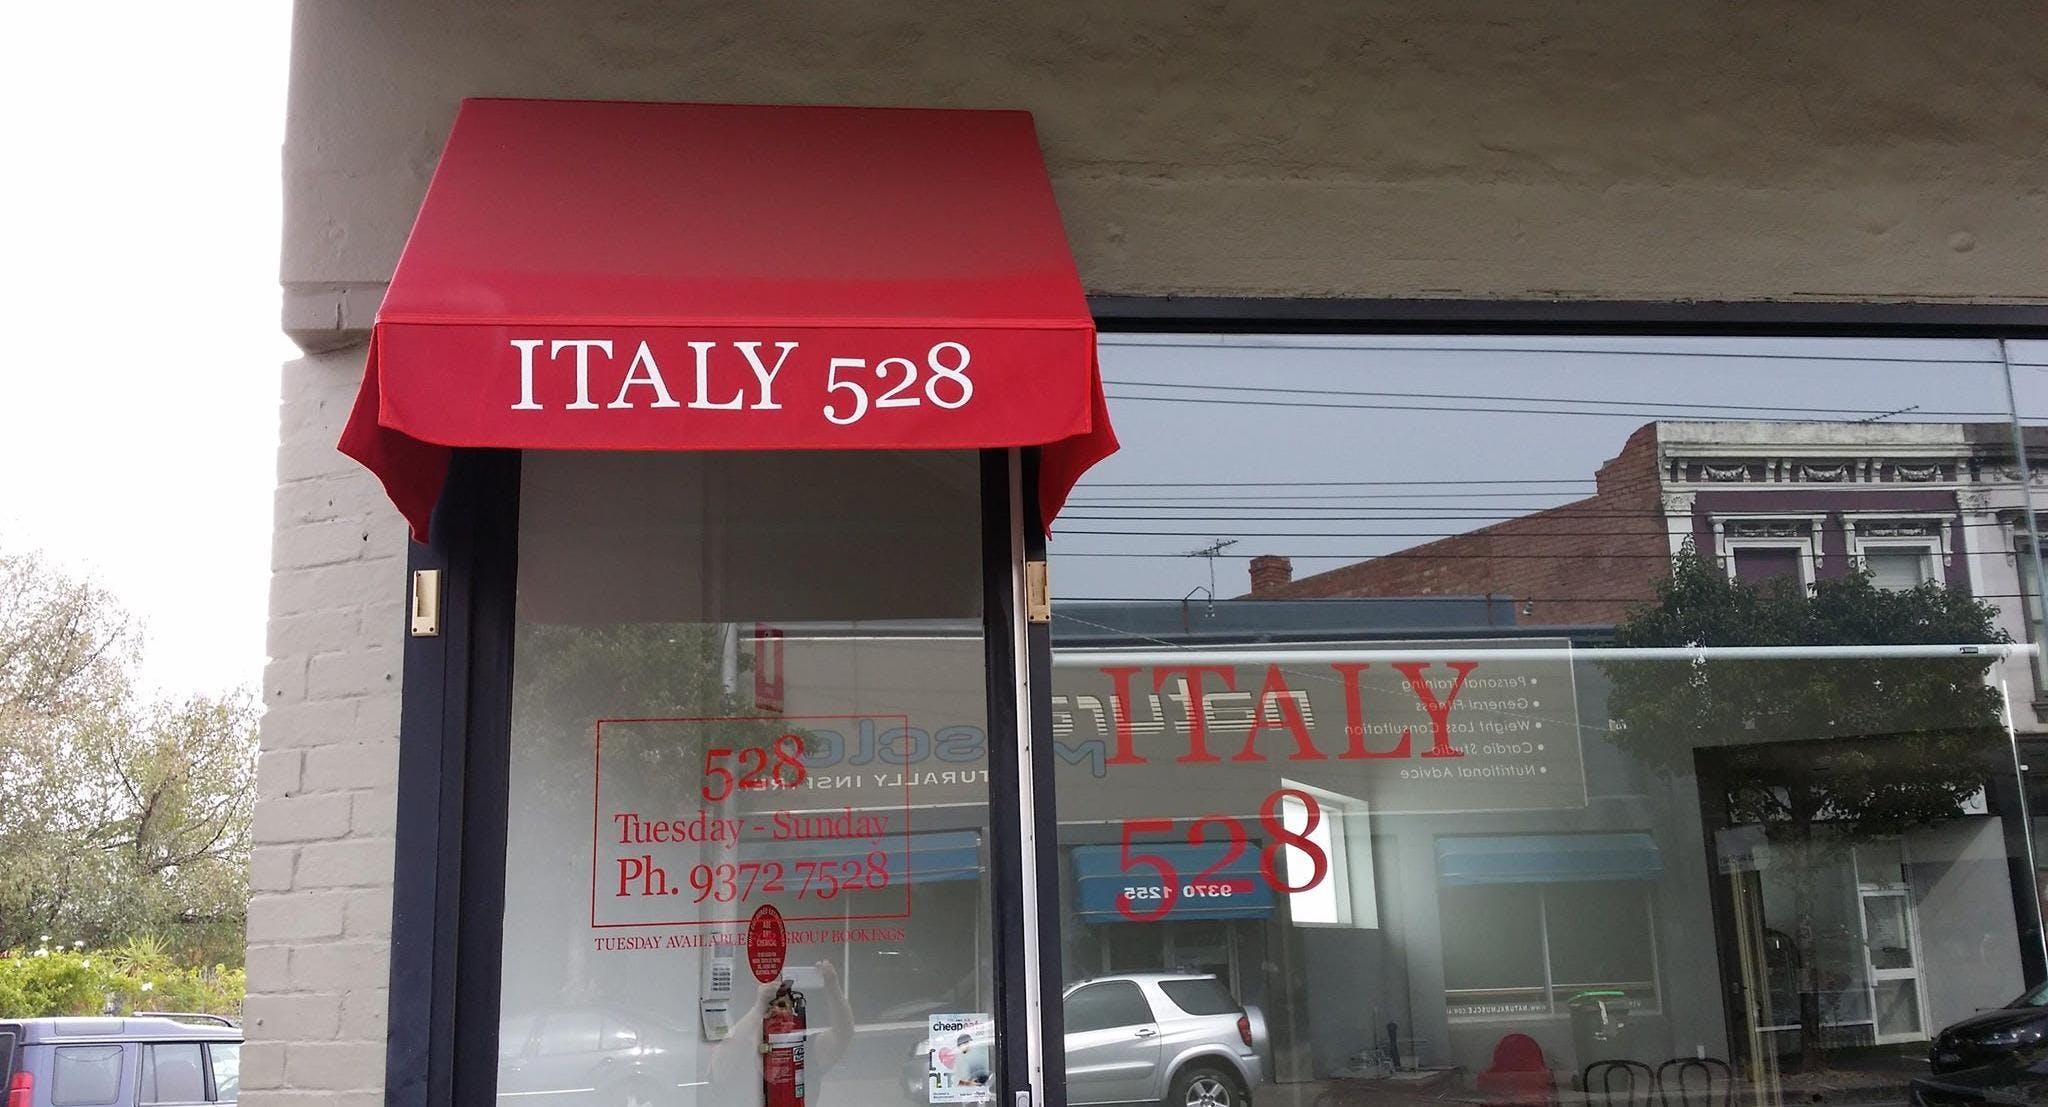 Italy 528